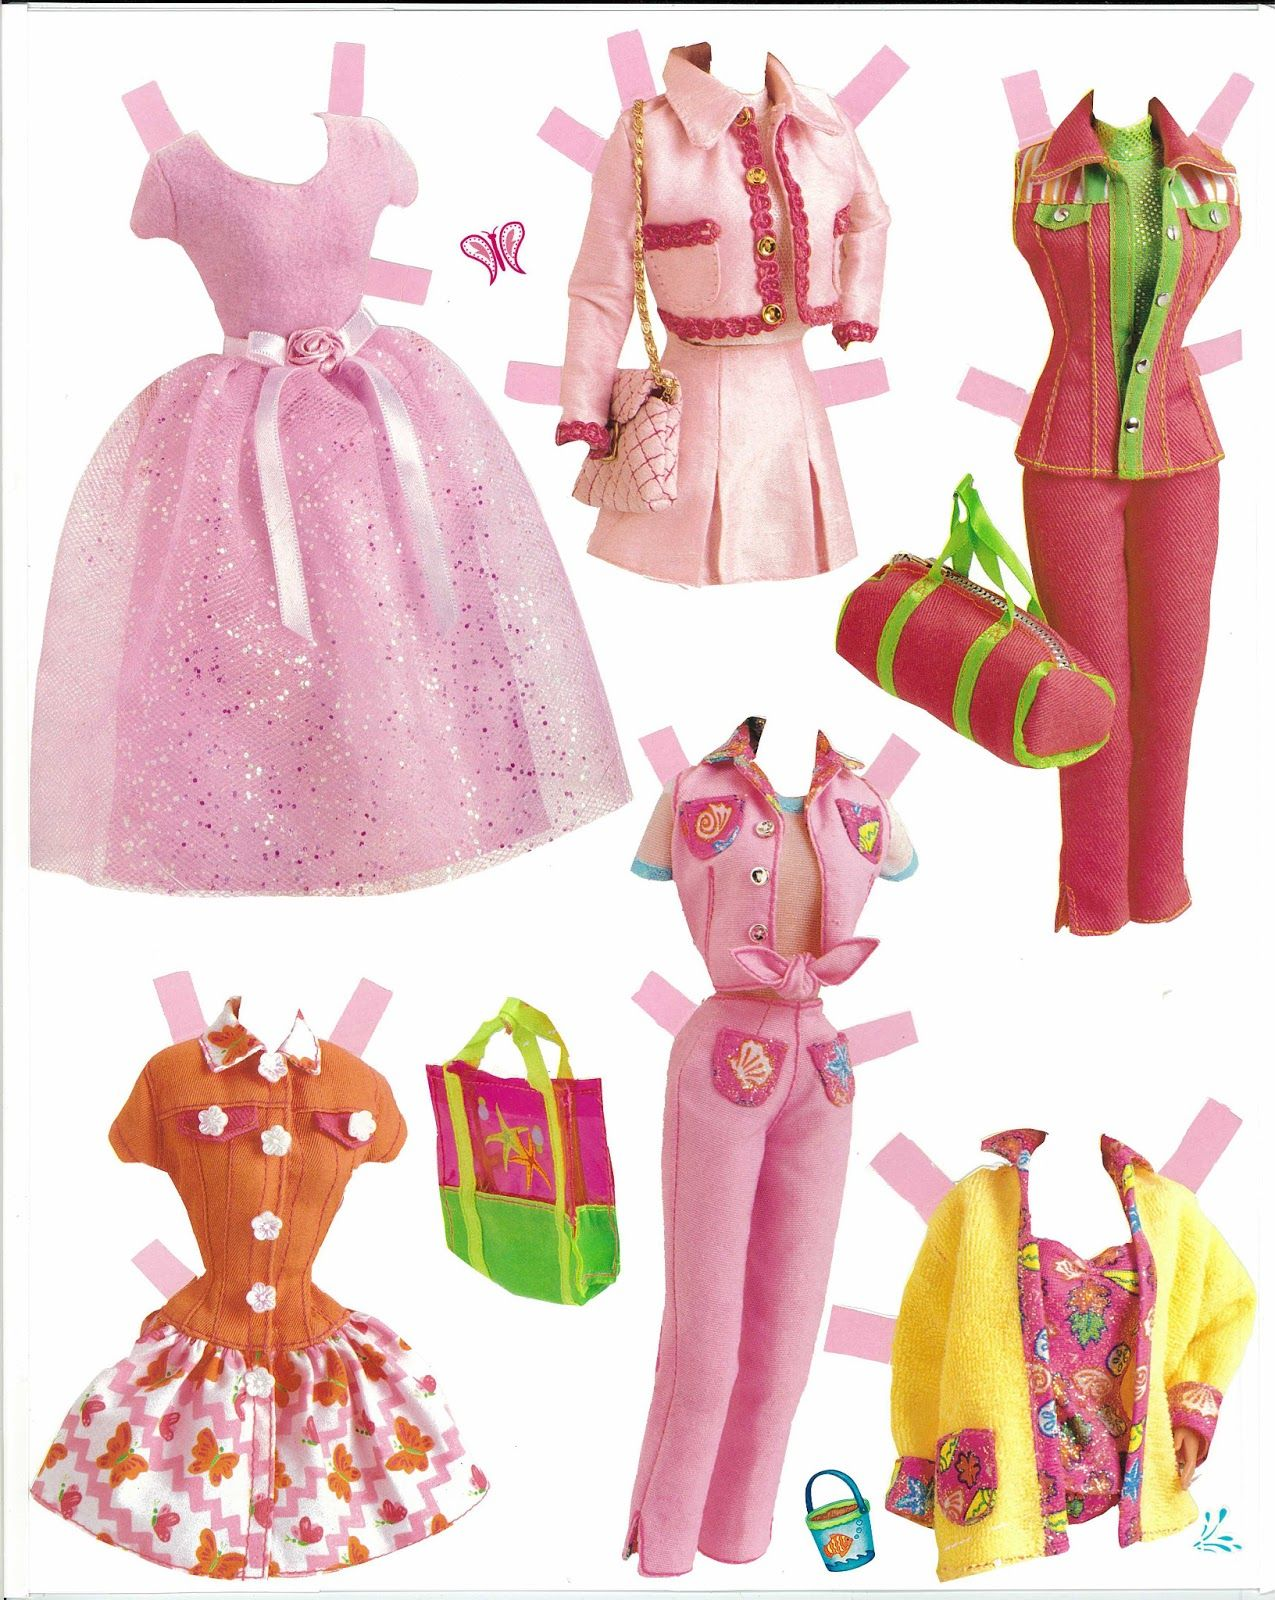 Bonecas de Papel - Barbie com roupas para imprimir - Brinquedos de Papel